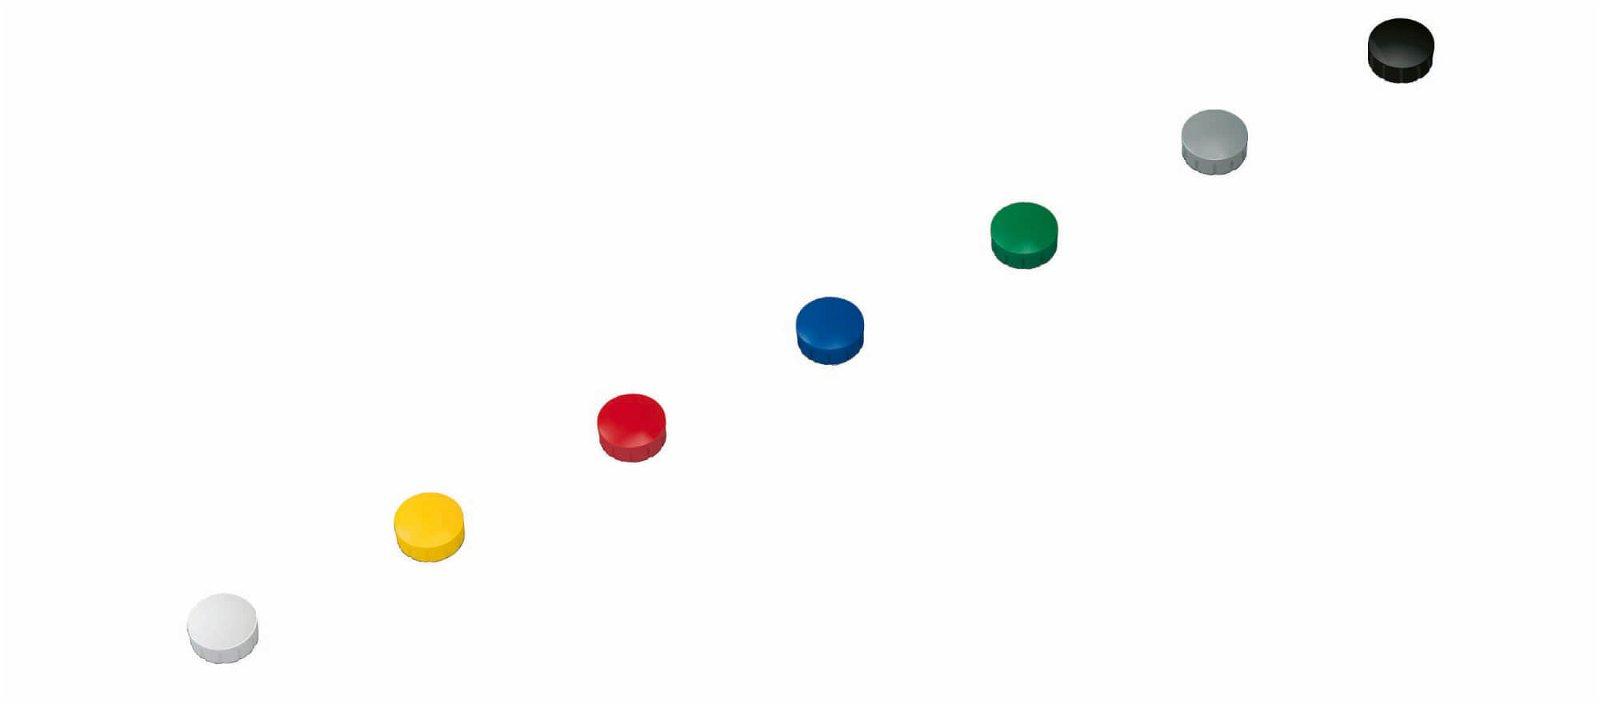 Magnet MAULsolid Ø 15 mm, 0,15 kg Haftkraft, 10 St/Ktn., farbig sortiert